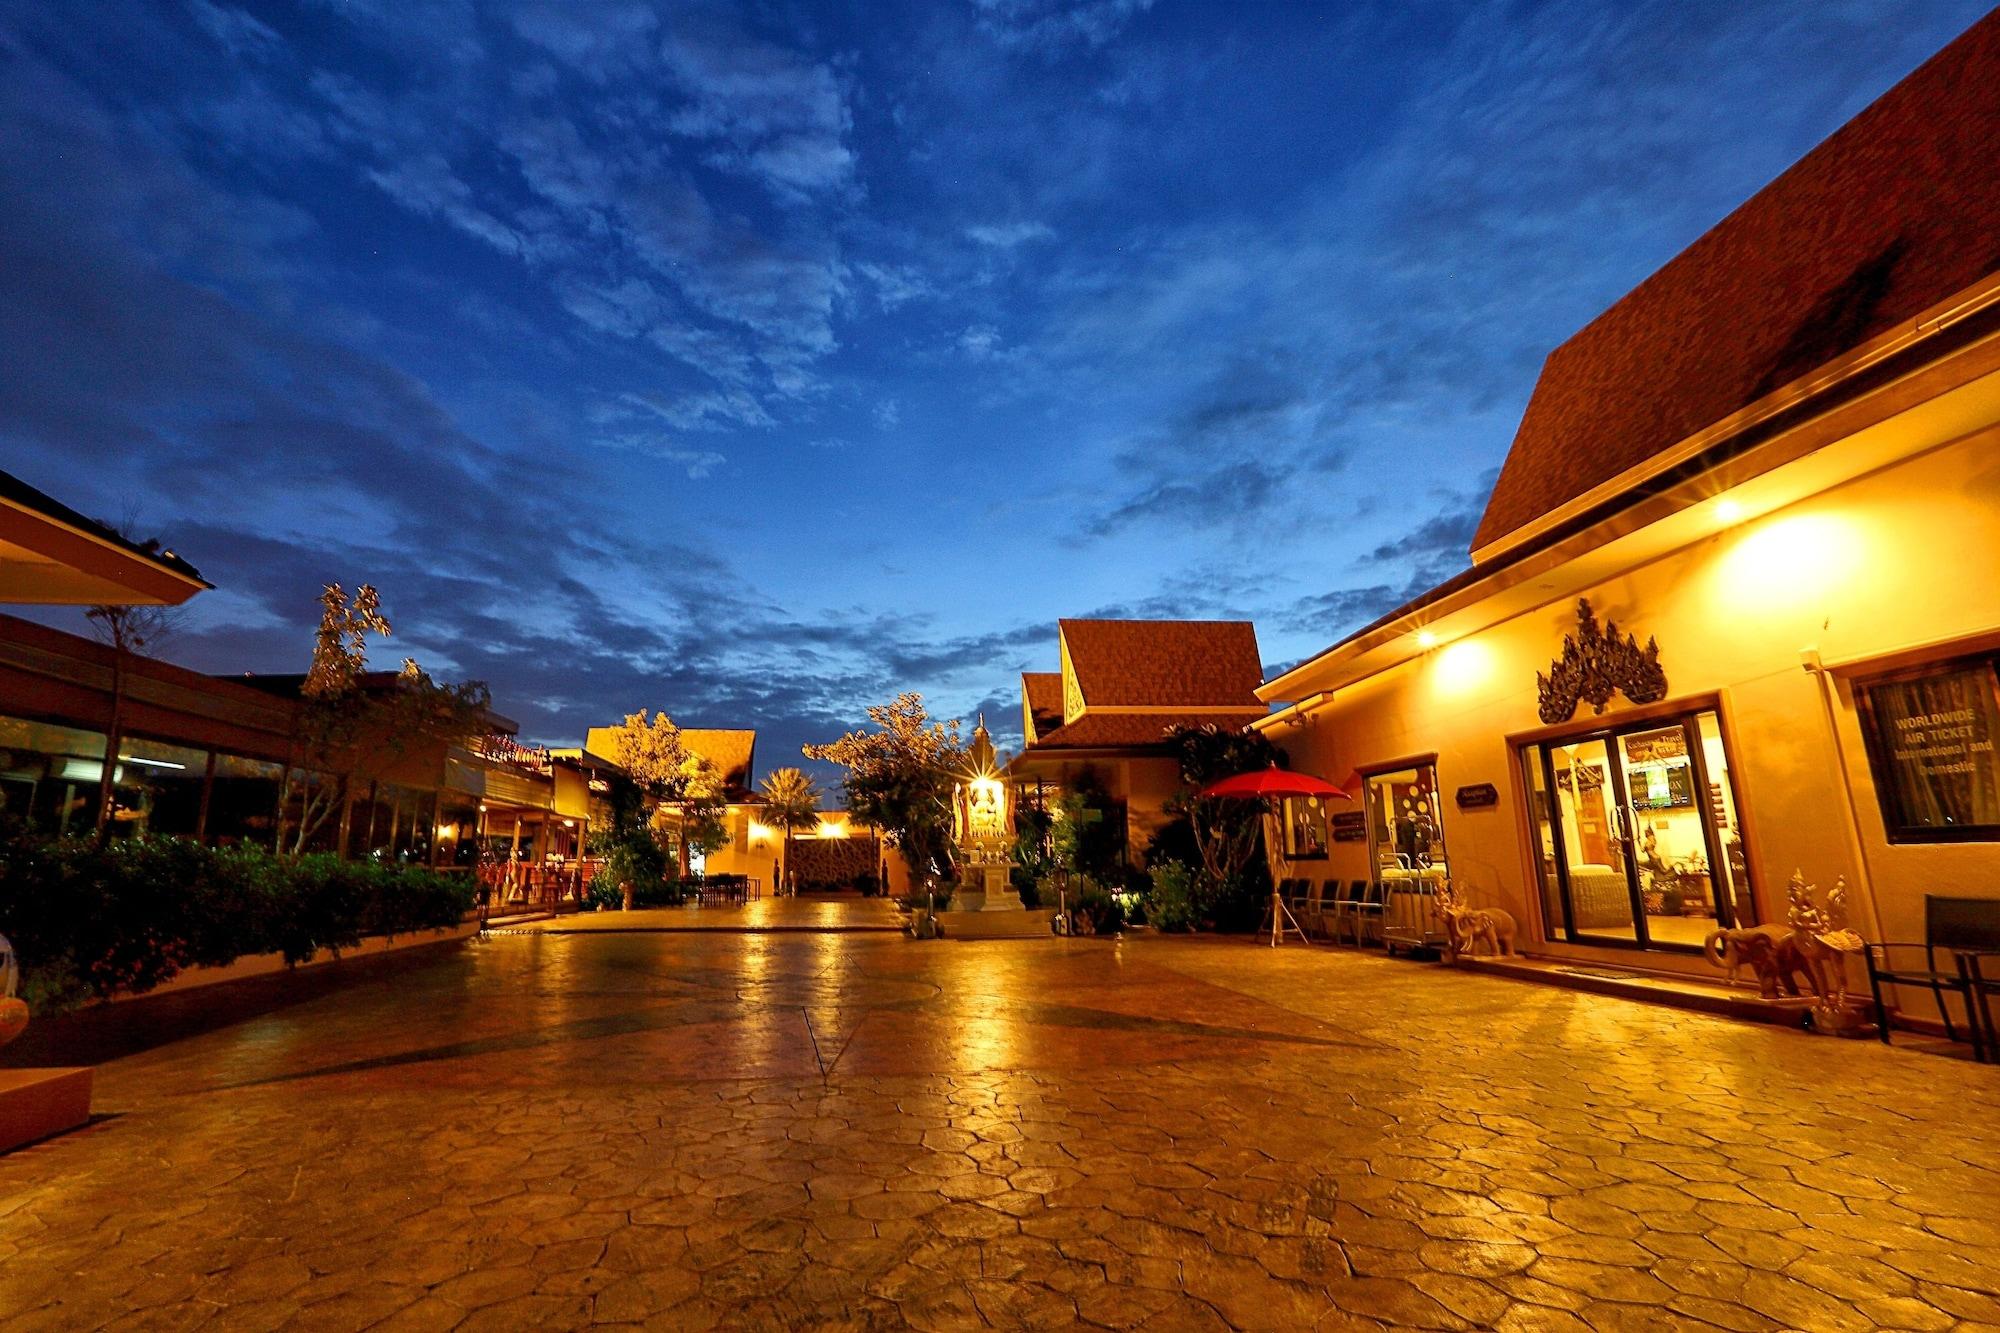 Ploykhumthong Boutique Resort, Lat Krabang